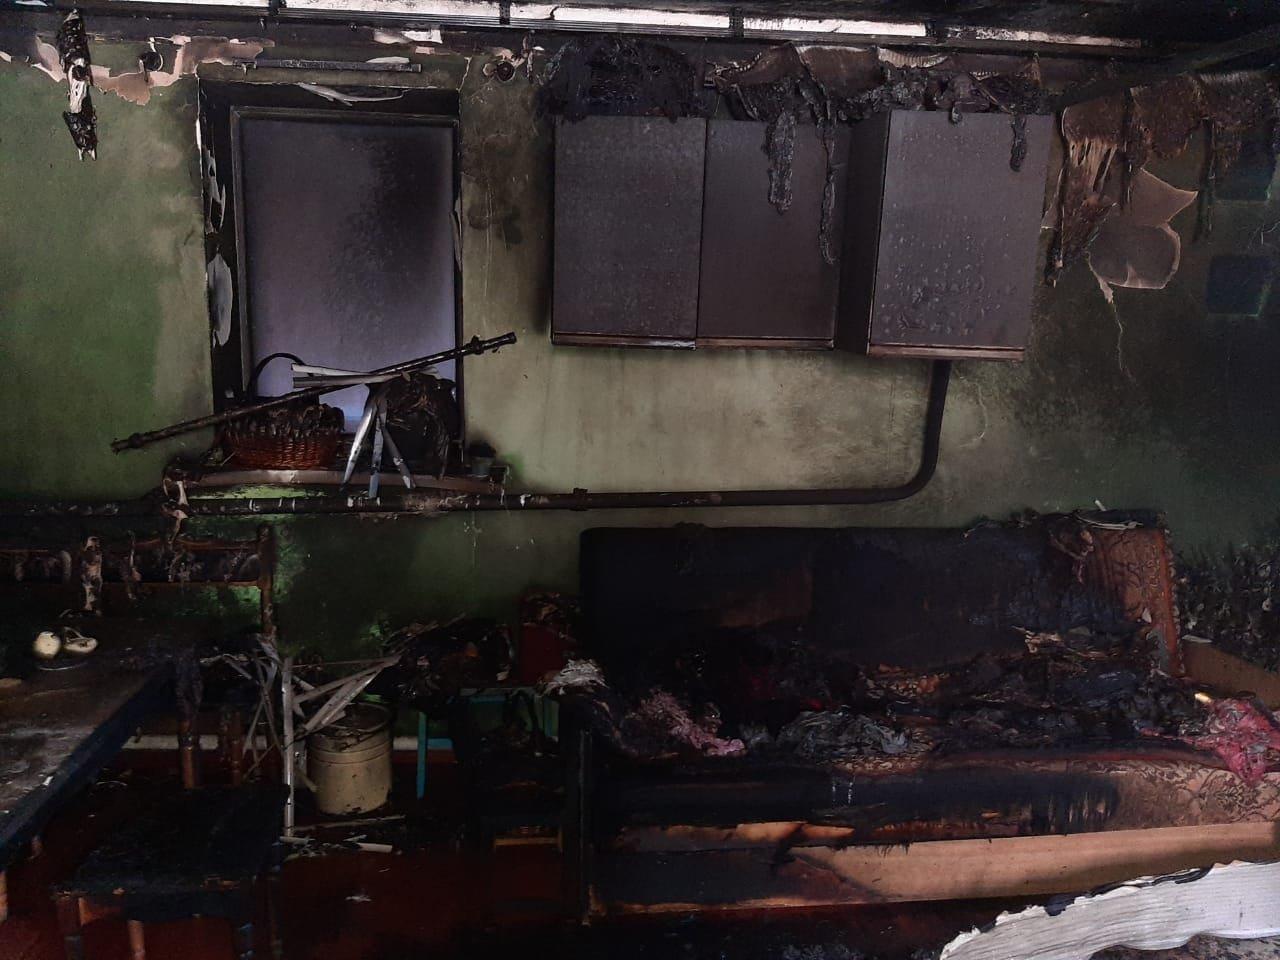 Жителю Старого Села під Сумами підпалили кухню та автомобіль, фото-2